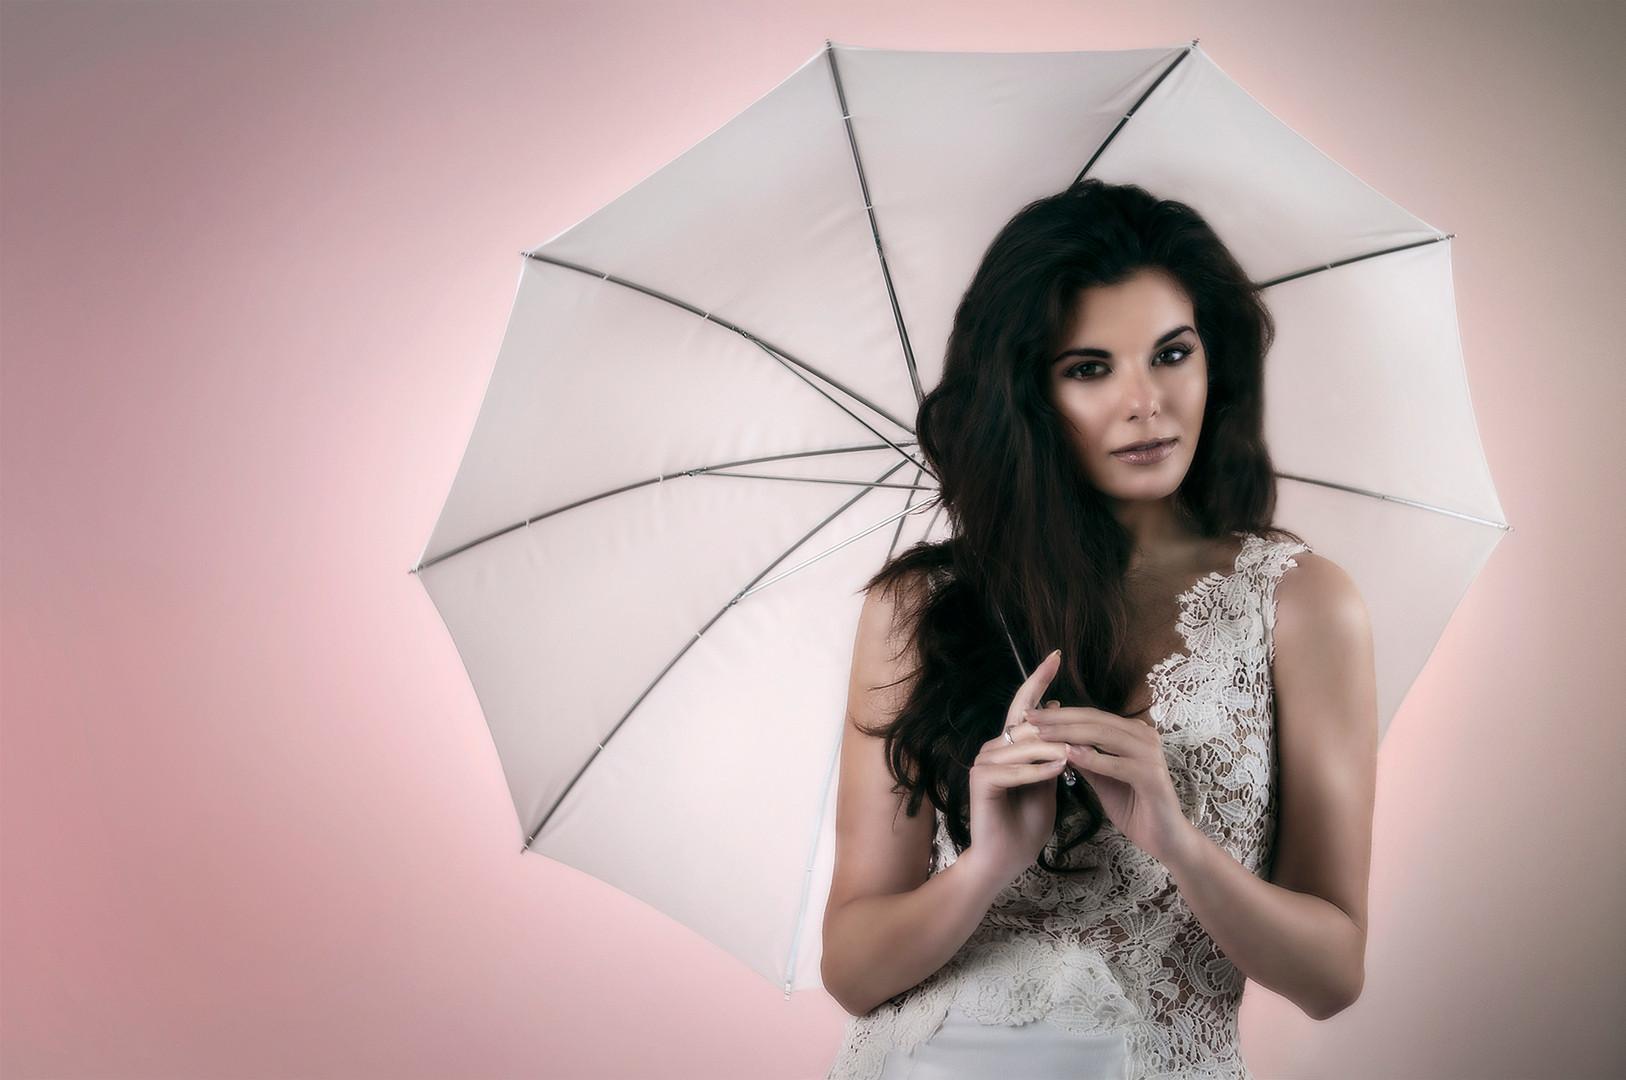 Model Liz Biella Mua Any Anastasia  Stylist Lucilla Ferretti Evento a cura di Gianluca Greco